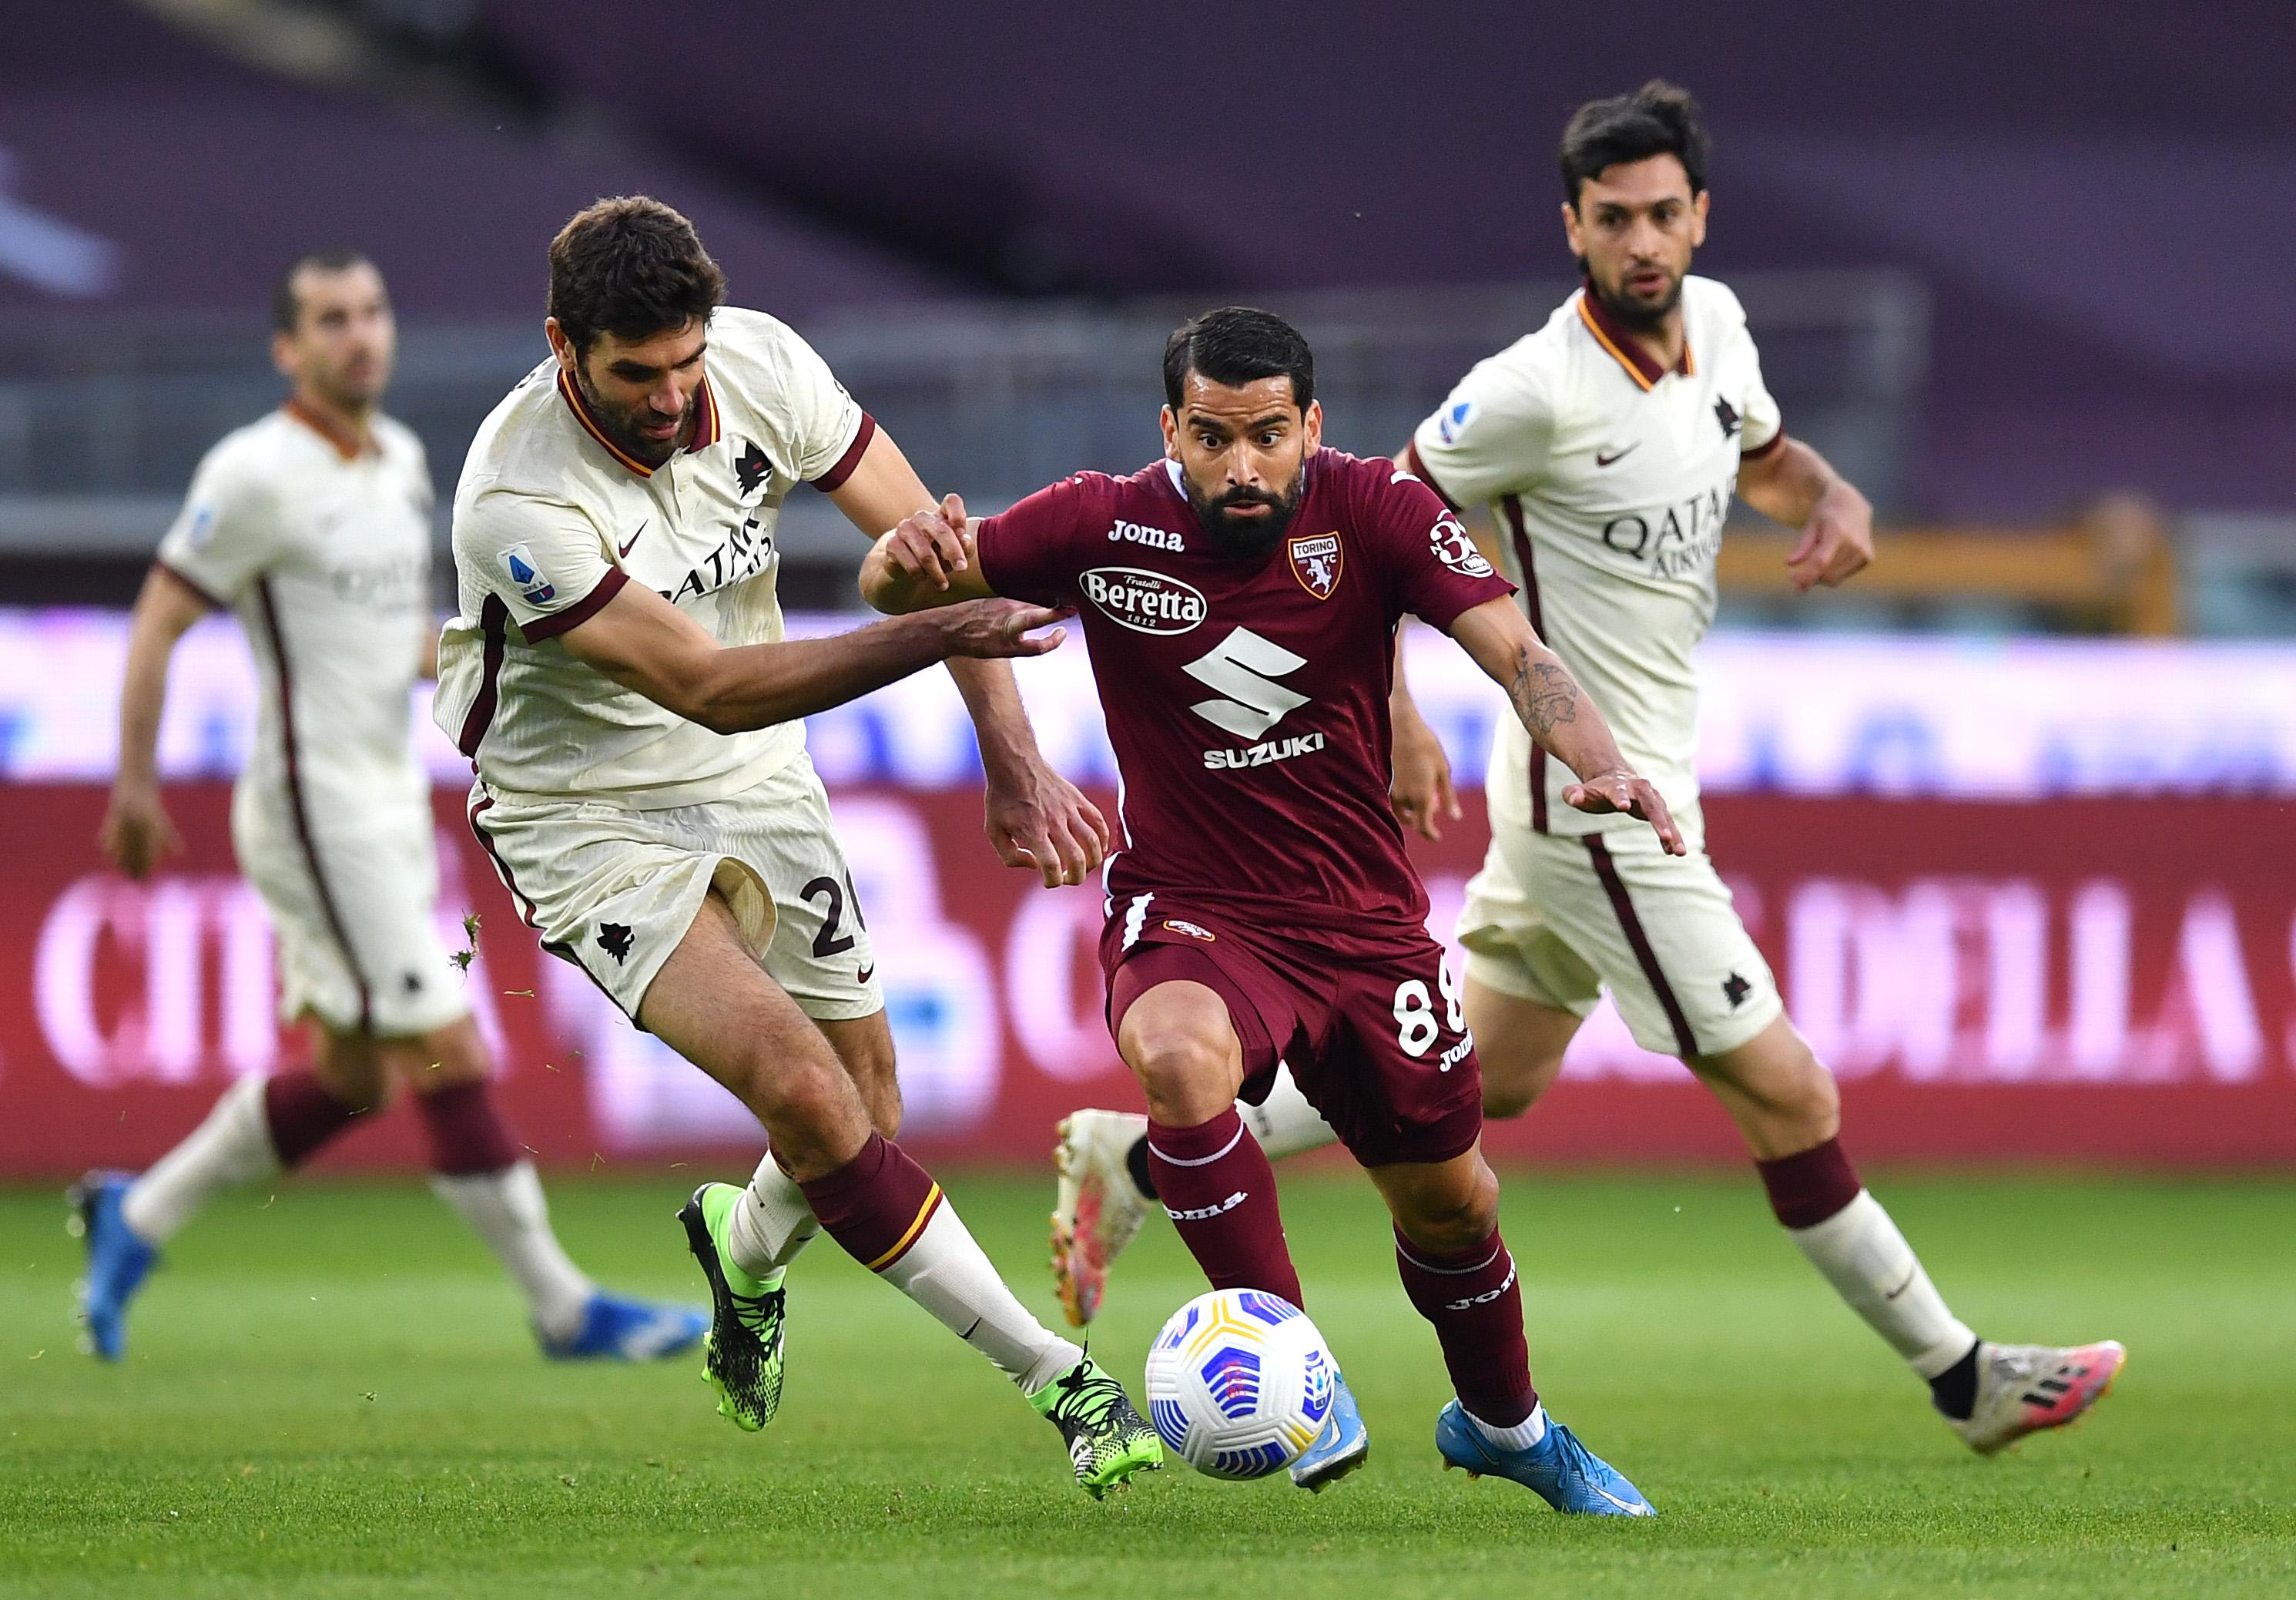 Torino FC v AS Roma - Serie A